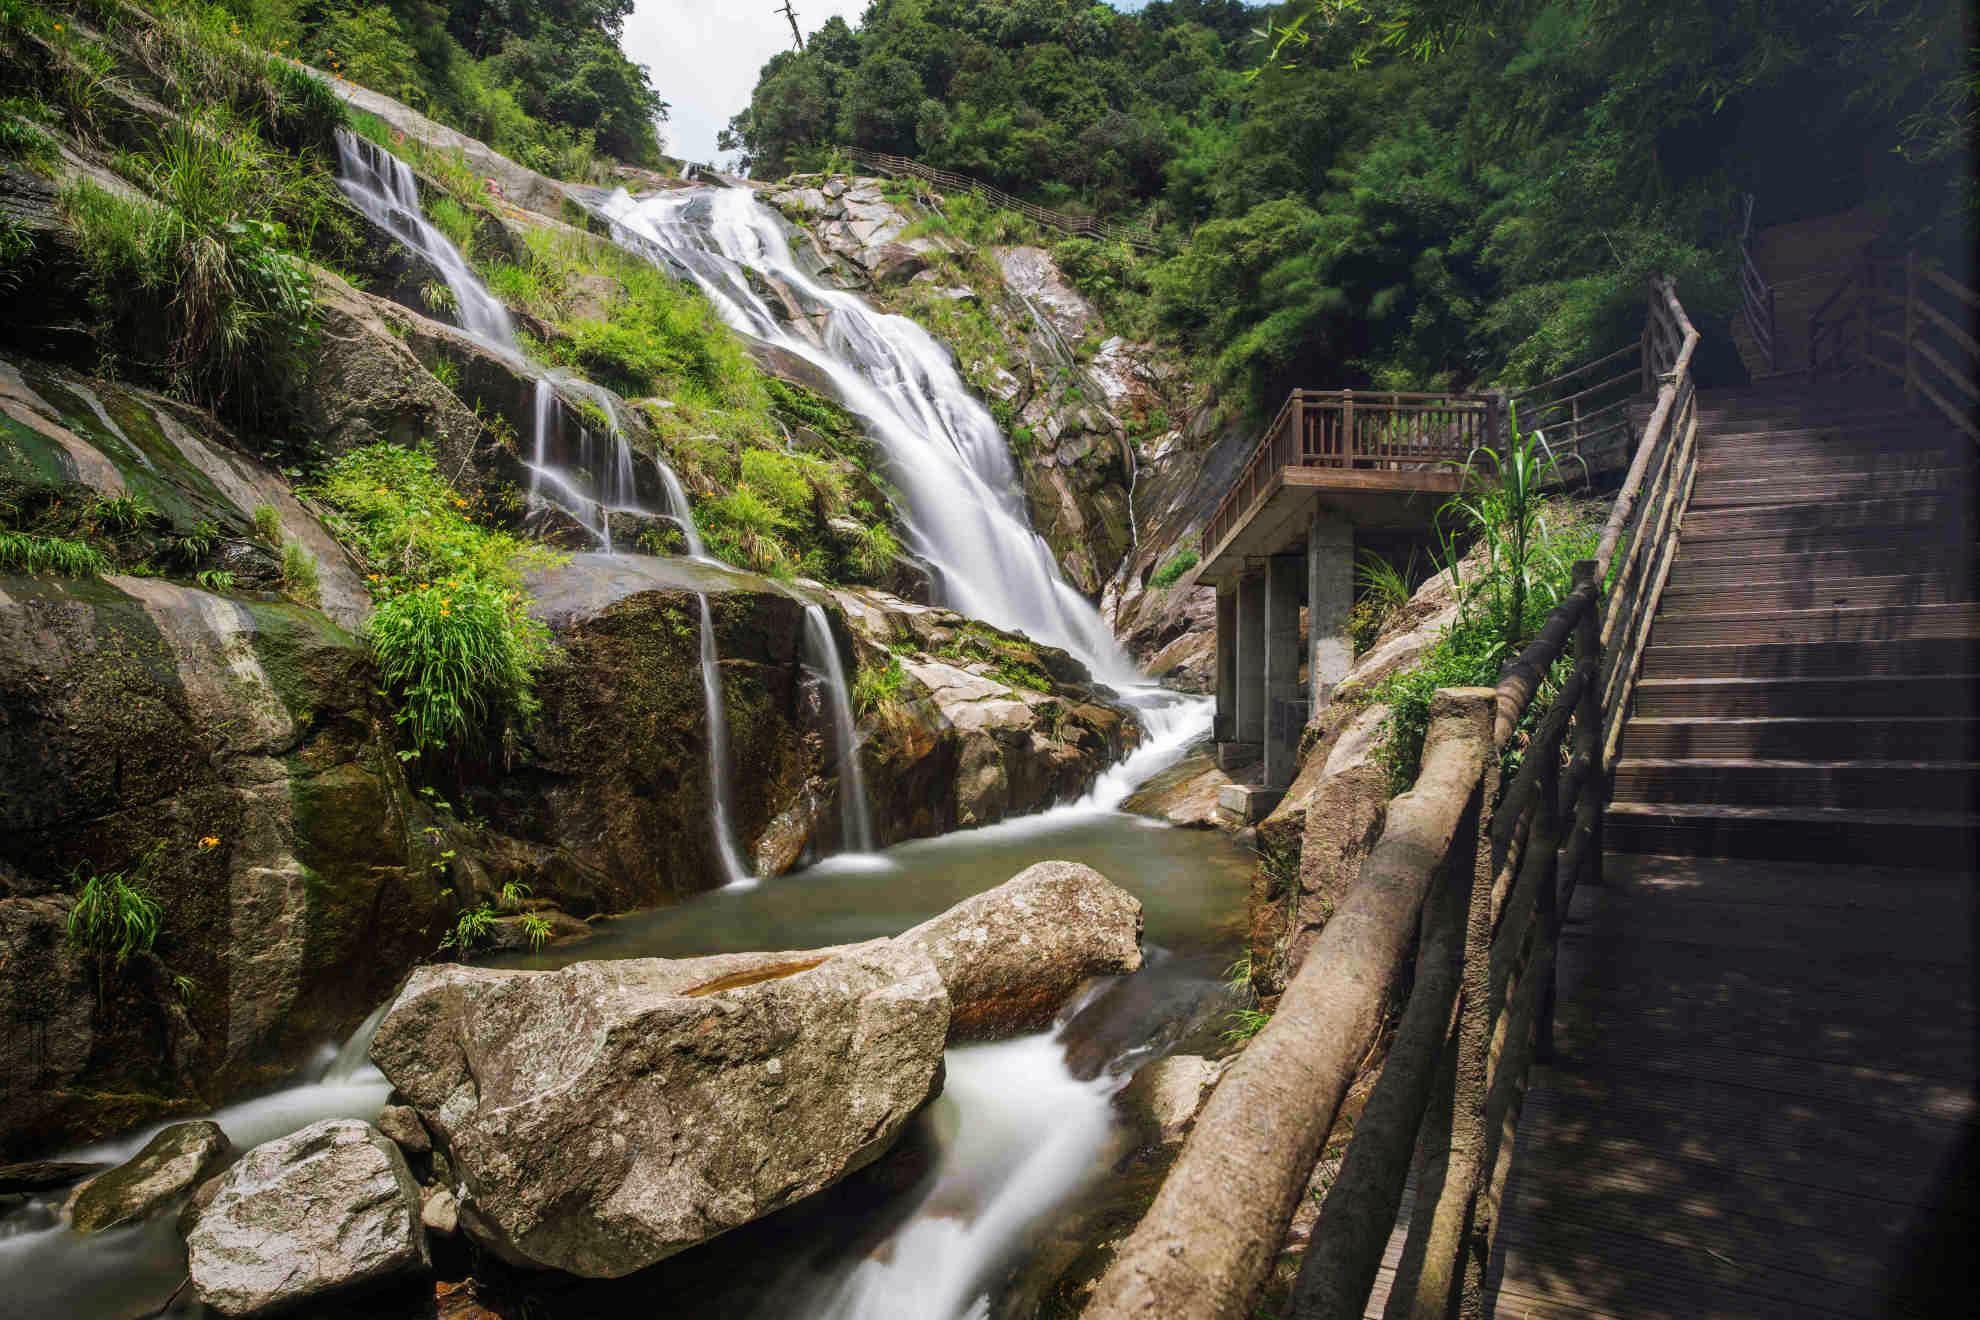 梁野山国家级自然保护区